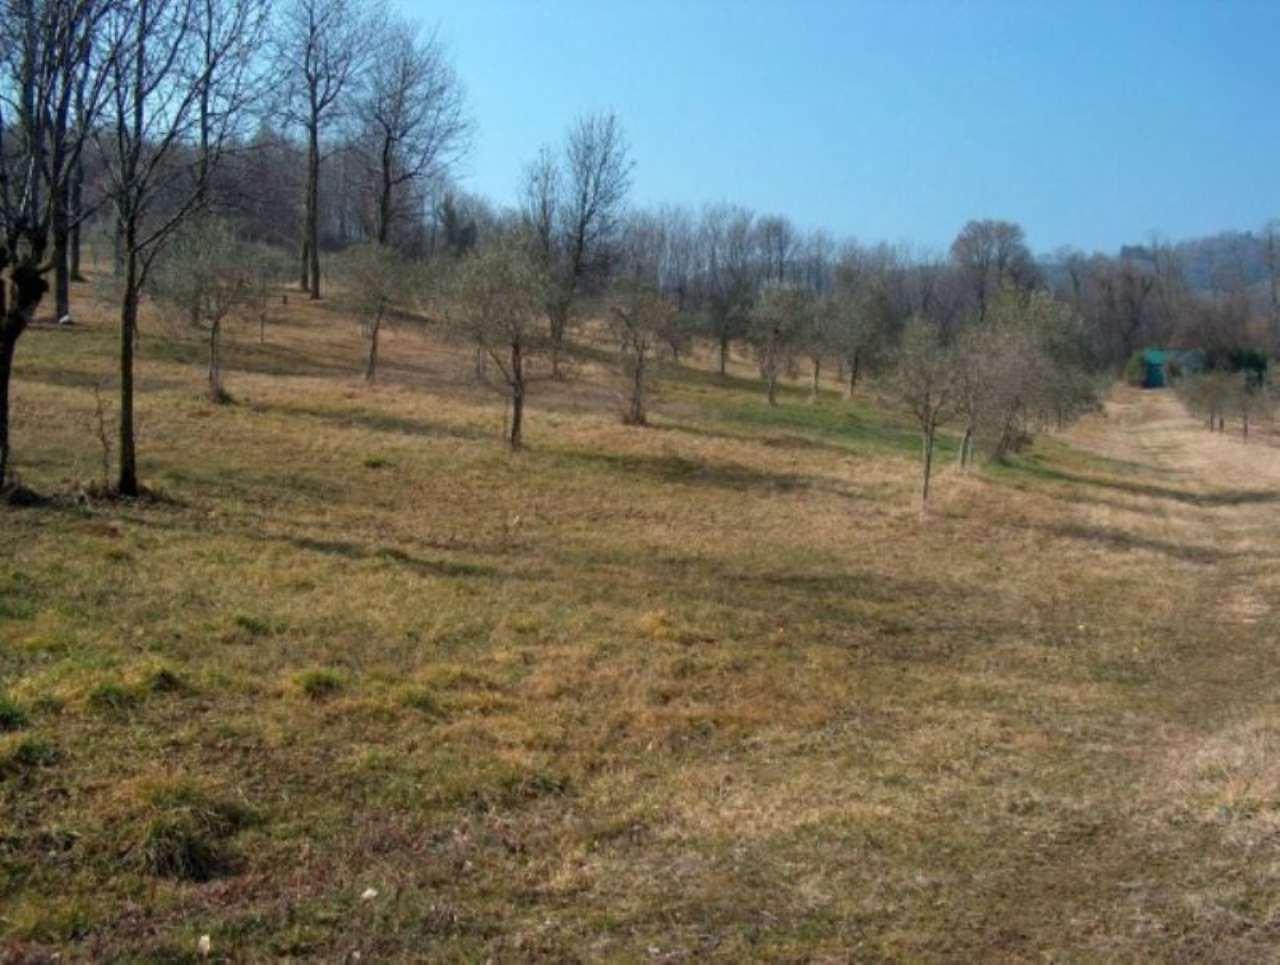 Terreno Agricolo in vendita a Schio, 9999 locali, prezzo € 260.000 | Cambio Casa.it